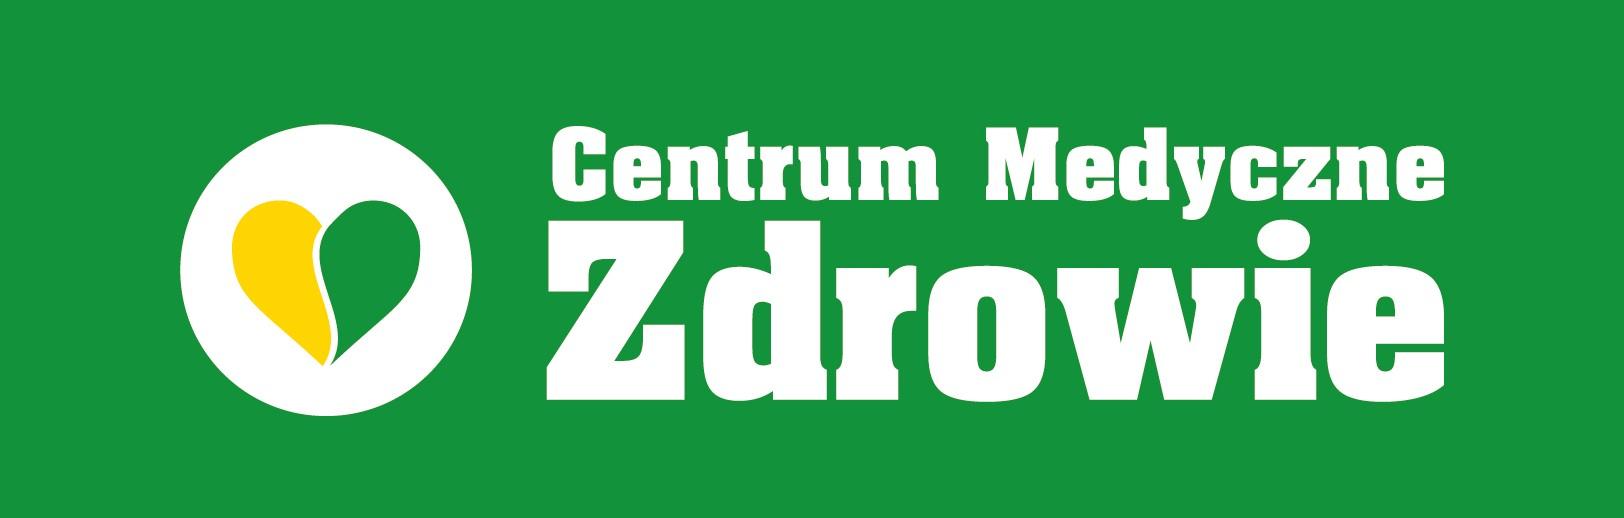 nowe logo zdrowia